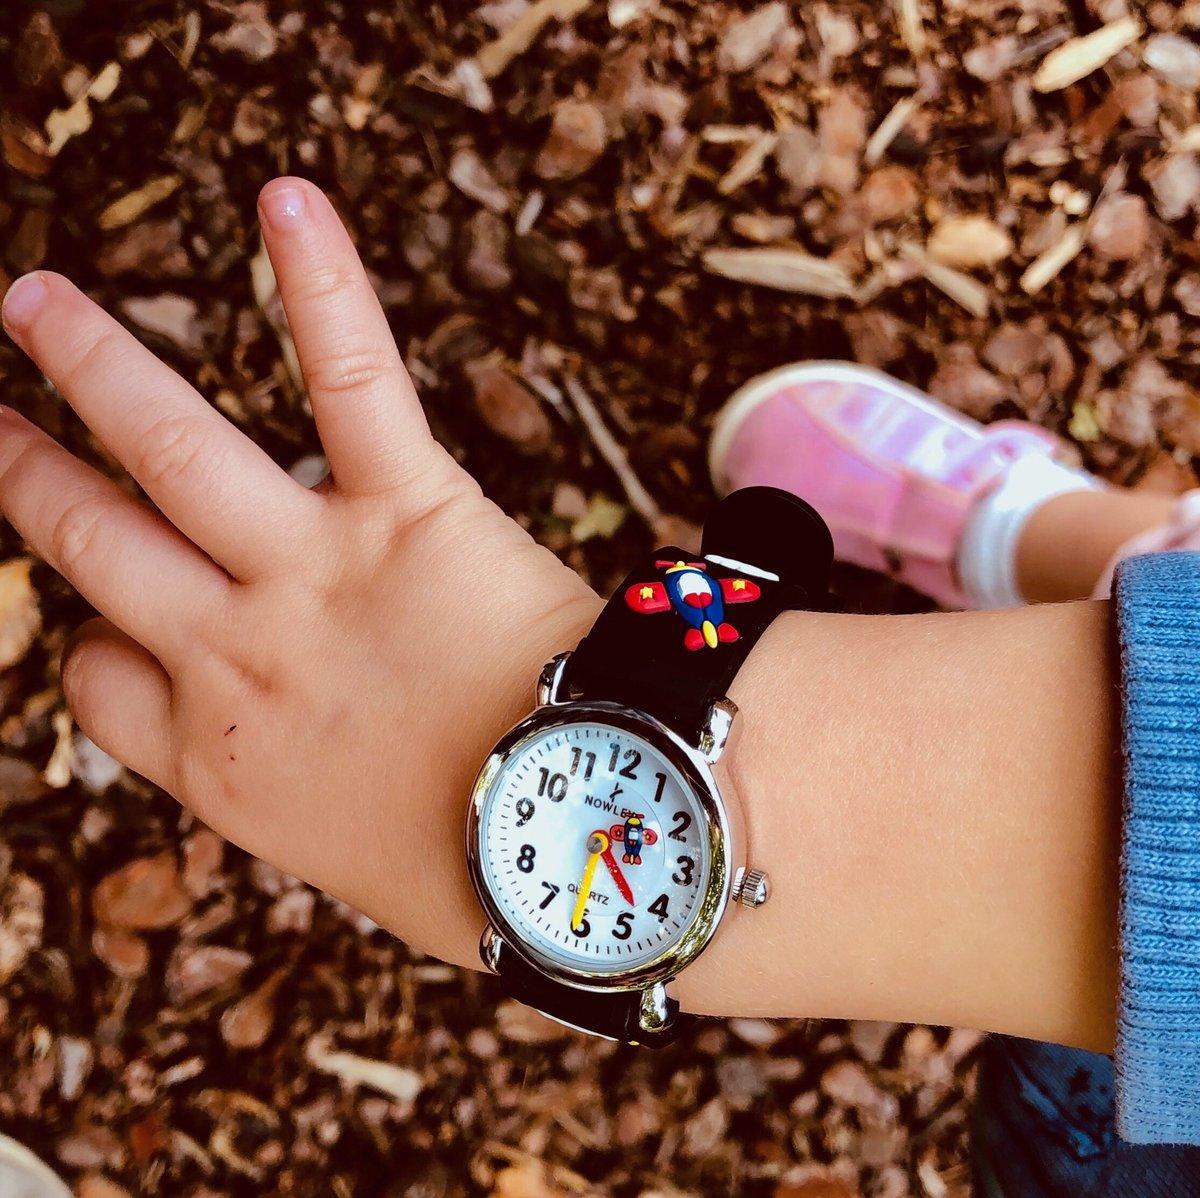 Mímalos con un reloj de la colección Kids #Nowley #kids #relojes #boys #girls #yomequedoencasa #reloj #kids #niños #mimatushijos #juntosesmejor #tiempo #horas #juegos #crecerjuntos #diversion #watches #aeroplane #dibujos #yoactuo #yaquedamenos